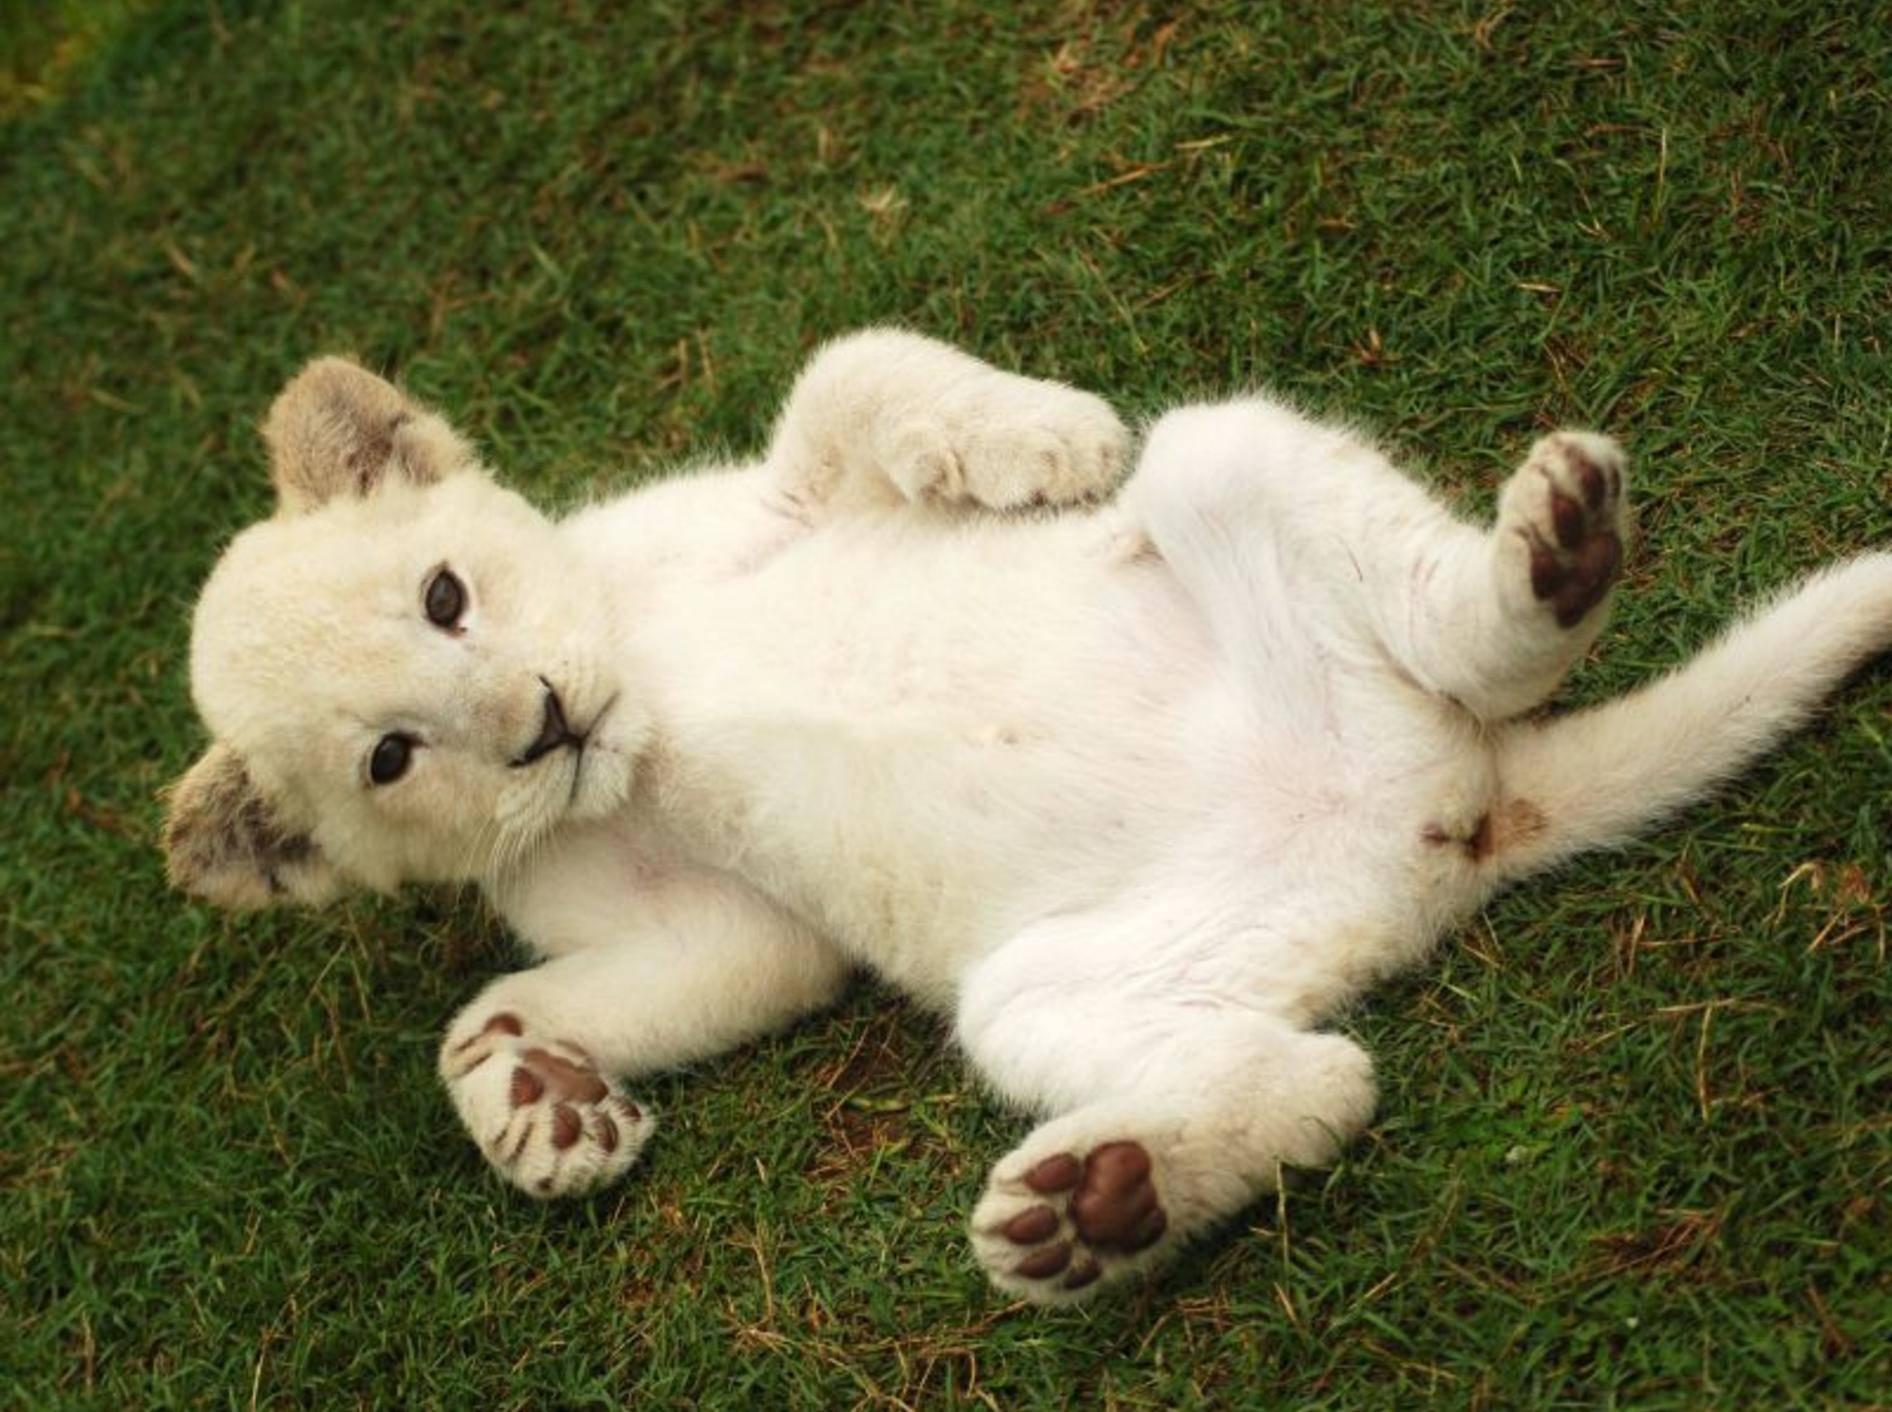 """""""Hallo Fans!"""", ein weißes Löwenbaby genießt sein Raubkatzenleben — Bild: Shutterstock / Anke van Wyk"""